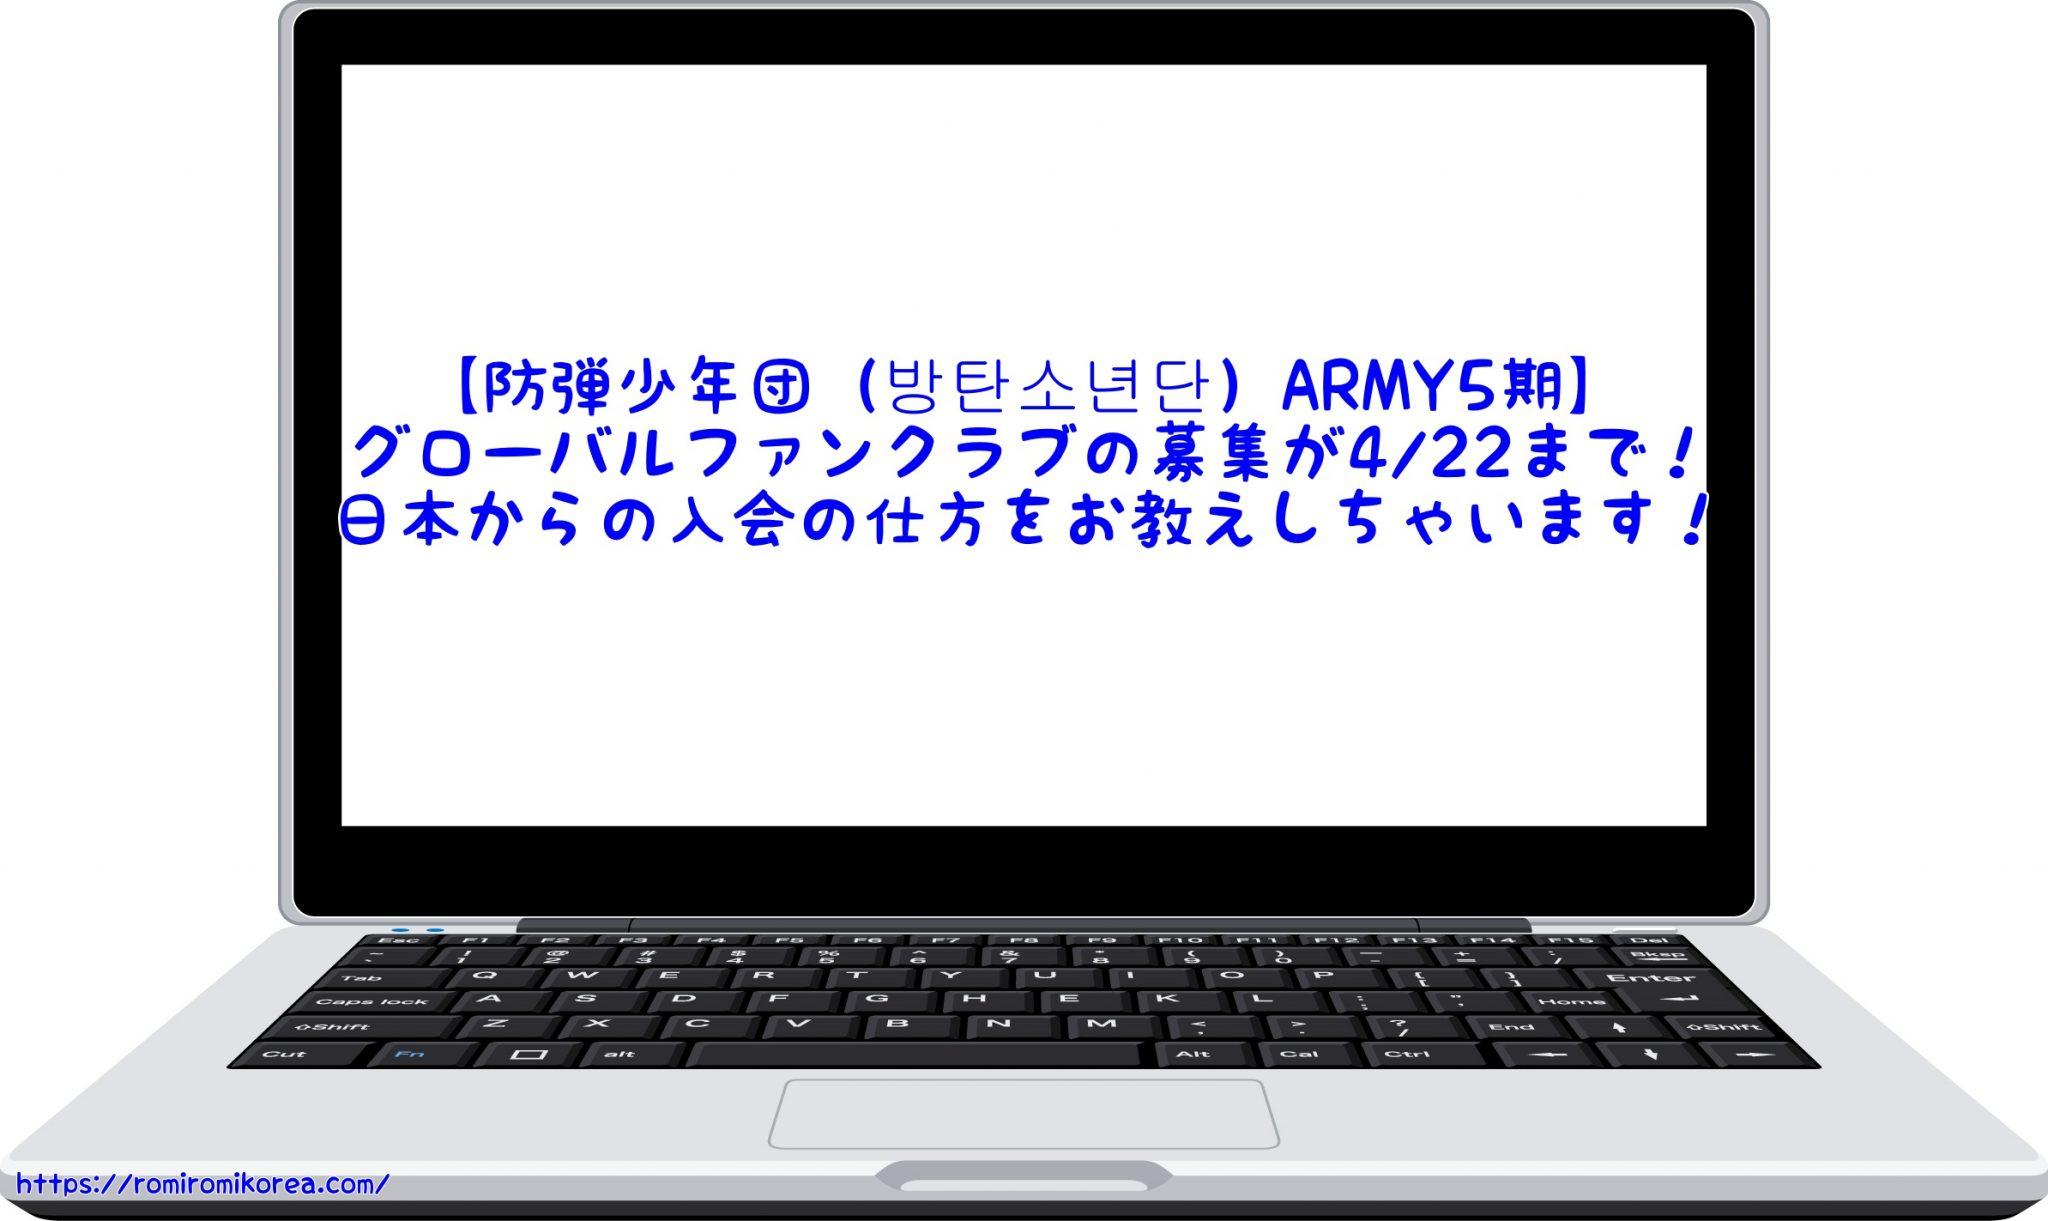 【防弾少年団(방탄소년단)ARMY5期】グローバルファンクラブの募集が4/22までやっているので、入会の仕方をお教えしちゃいます!